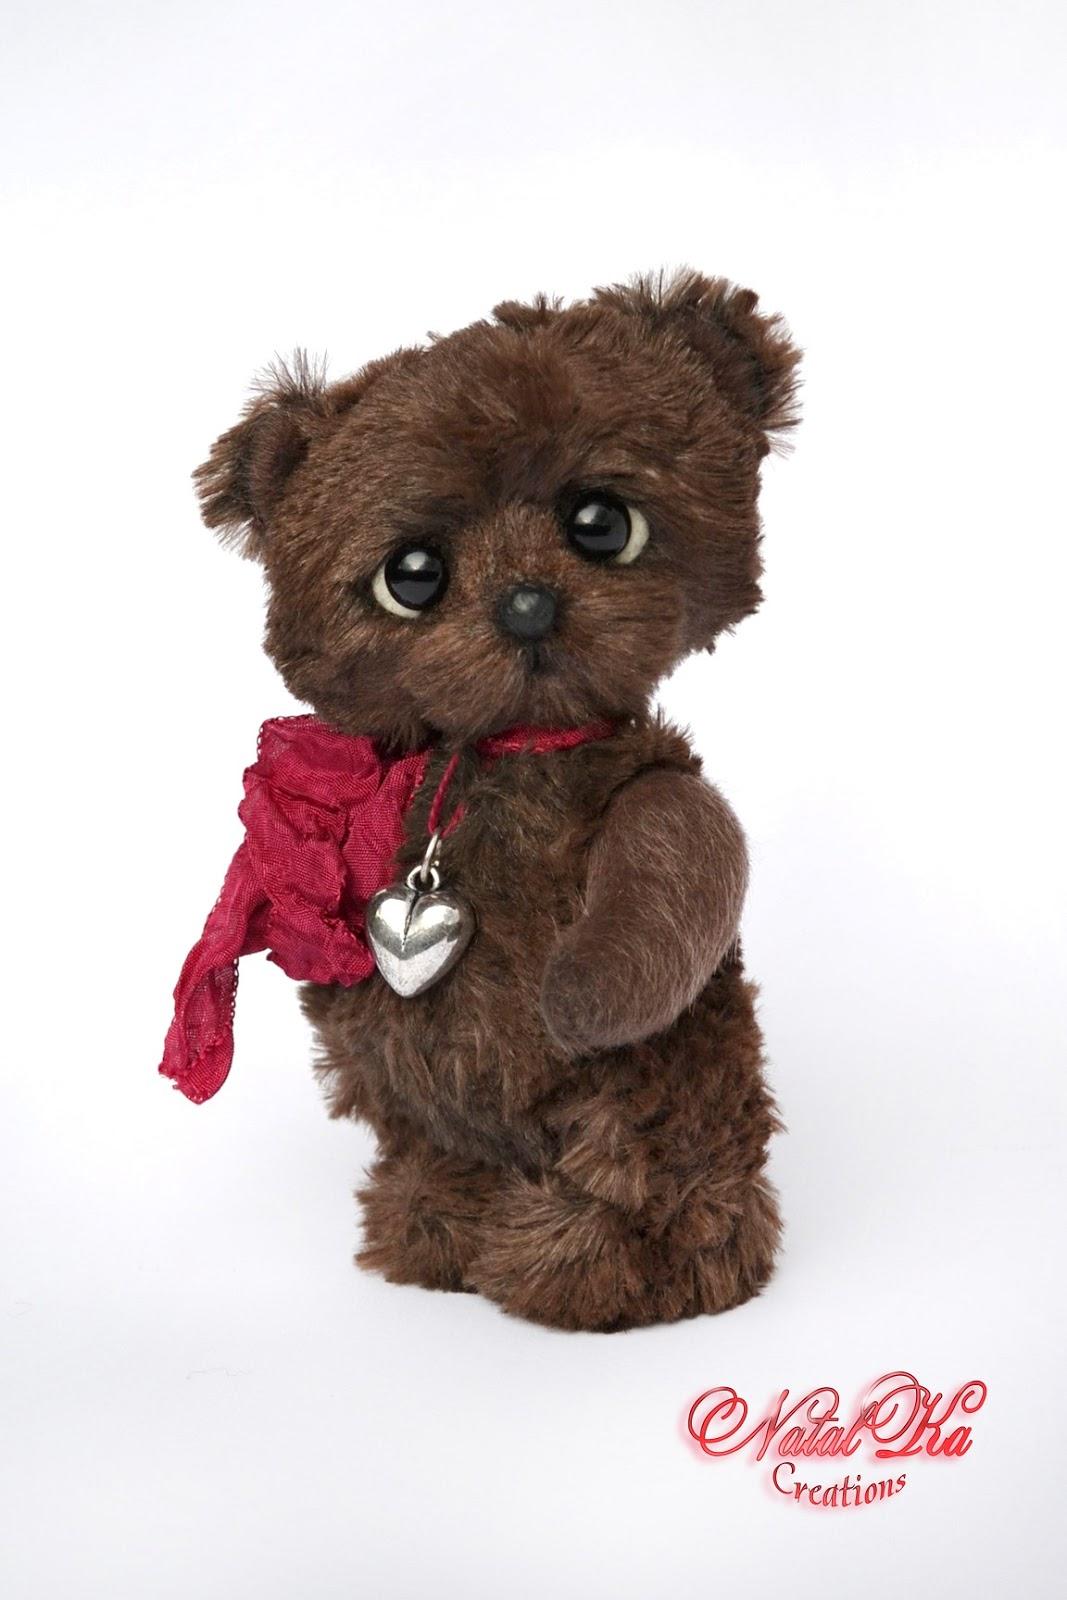 Artist teddy bear, teddies, artist bear, teddy, ooak, handmade by NatalKa Creations. Künstlerbär, Teddybär, Teddy, Künstlerteddy, Unikat, handgemacht von NatalKa Creations.